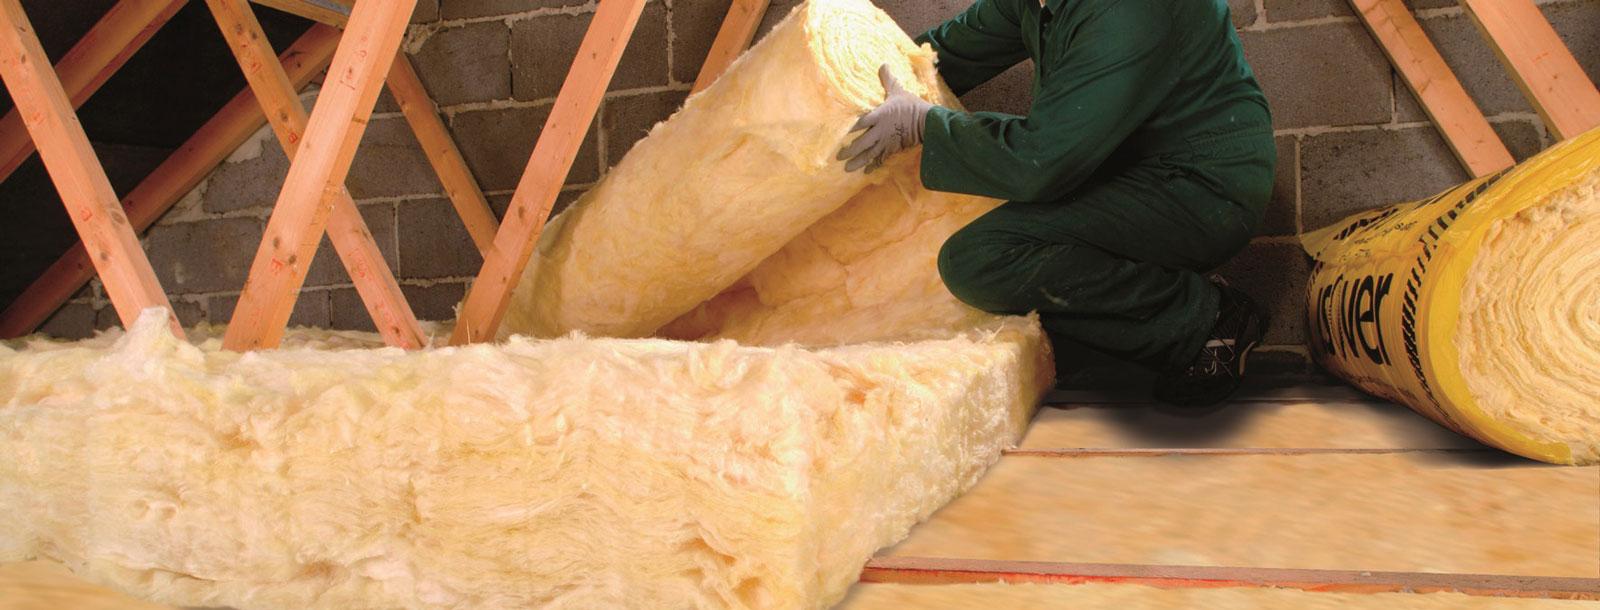 عایق کاری حرارتی و هوابندی در ساختمان